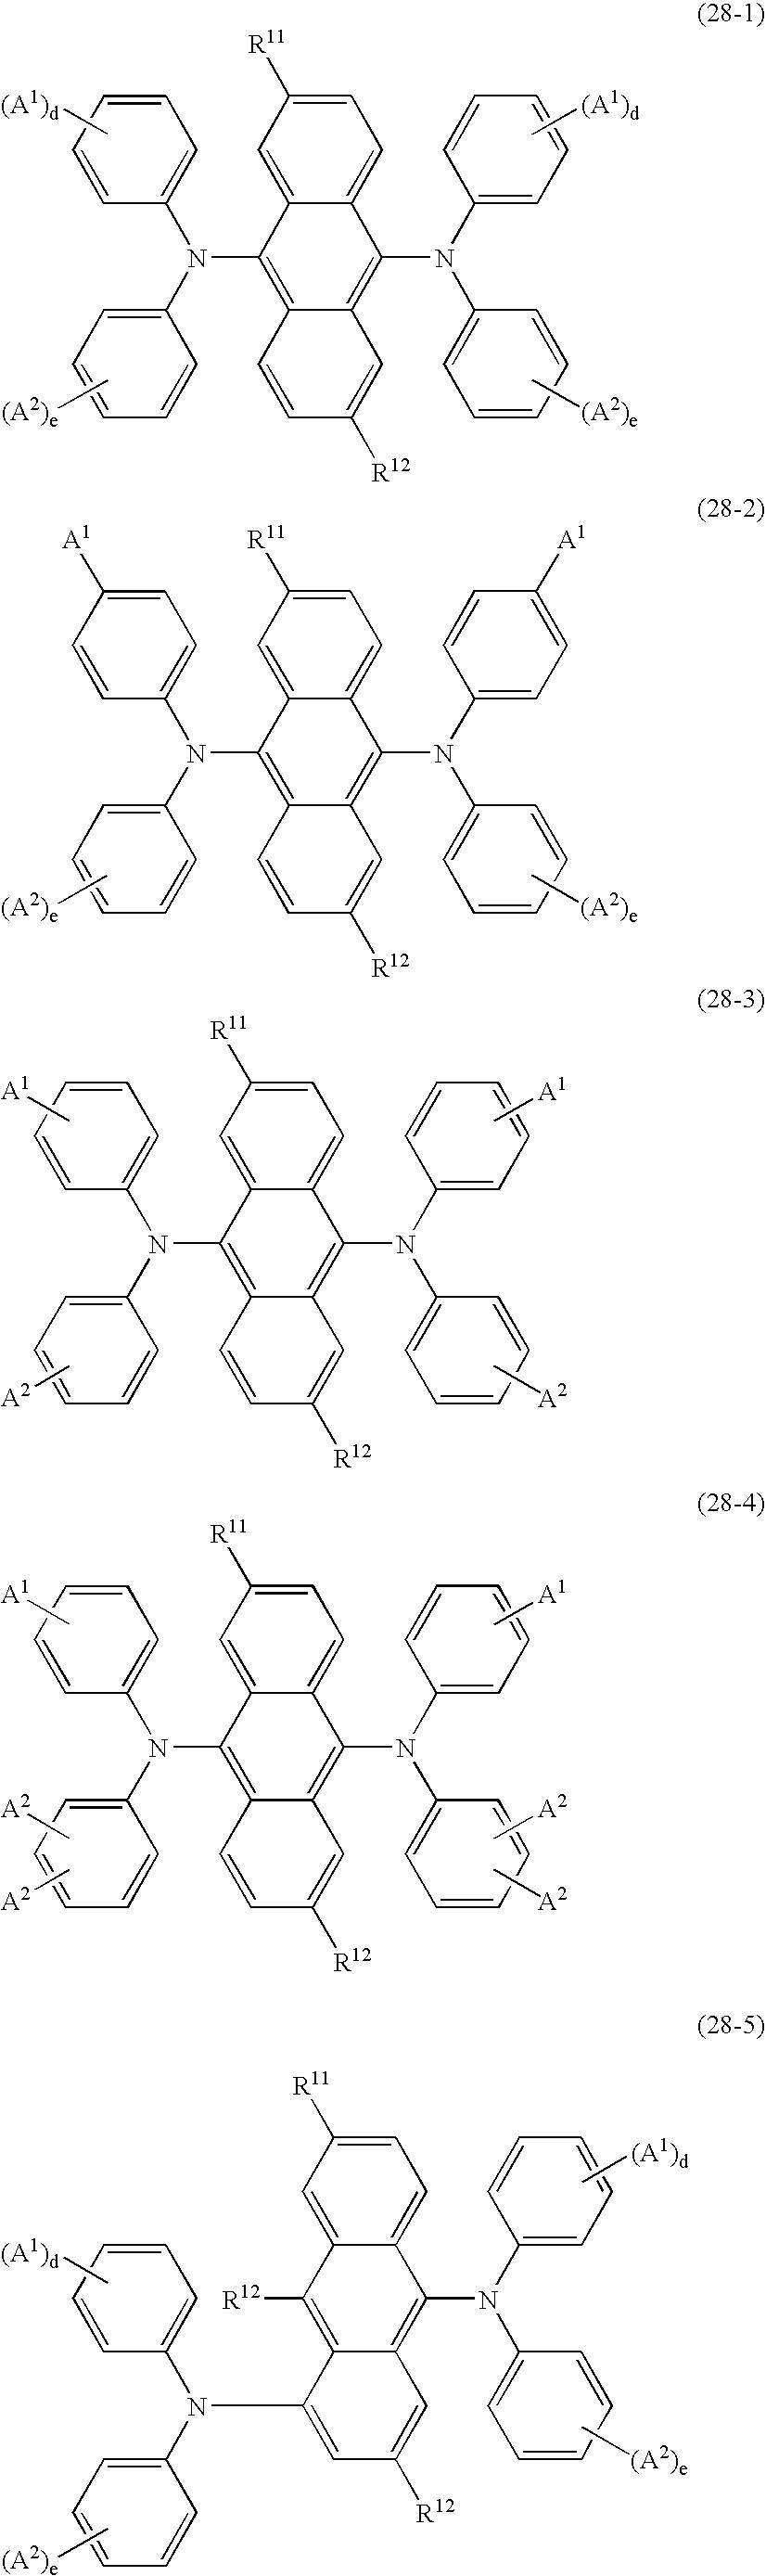 Figure US20080049413A1-20080228-C00040